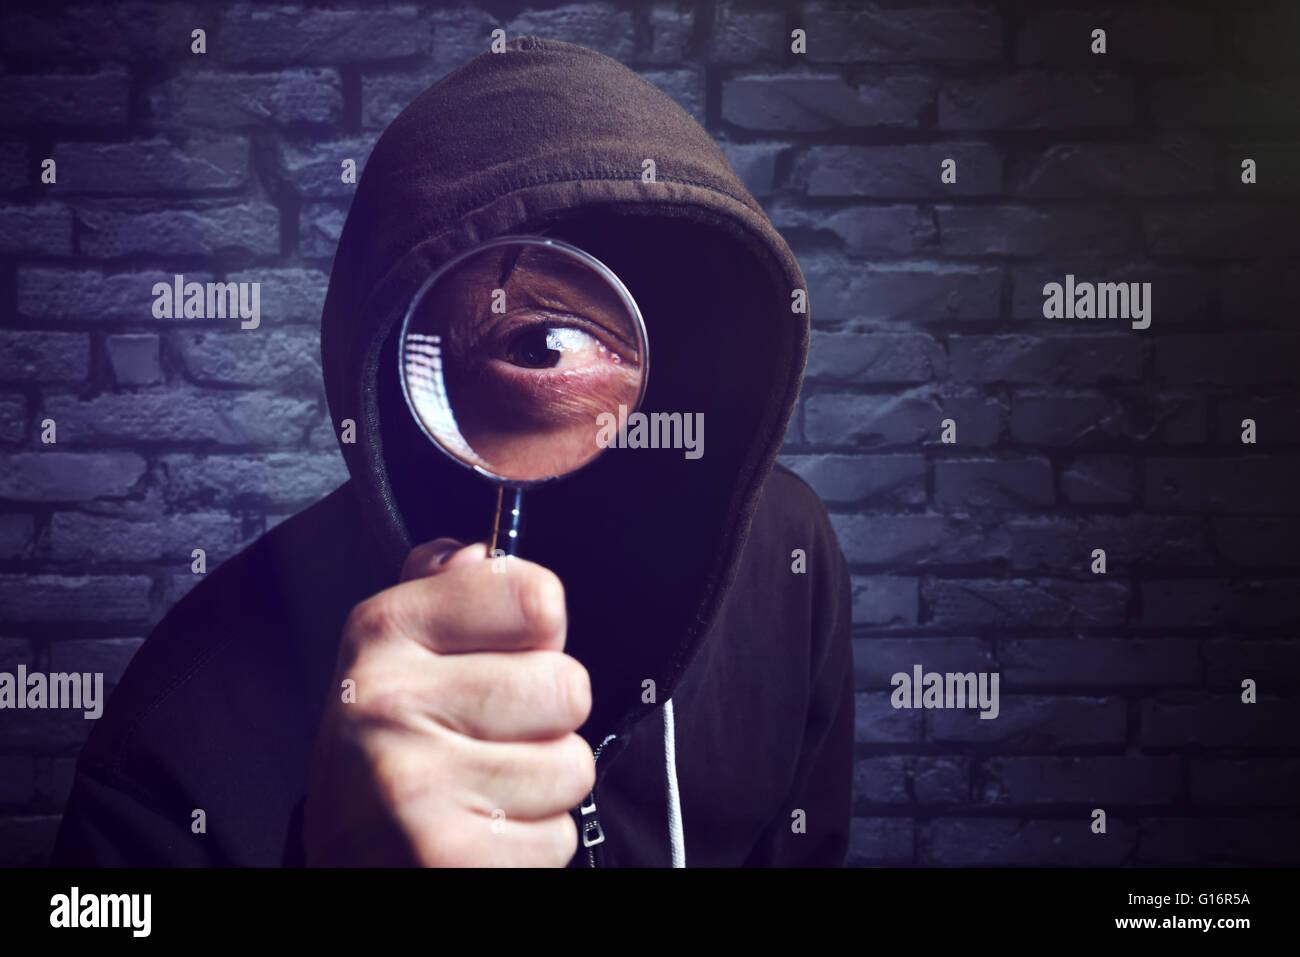 Hacker encapuchados con lupa, hacker internet seguridad online y concepto. Imagen De Stock